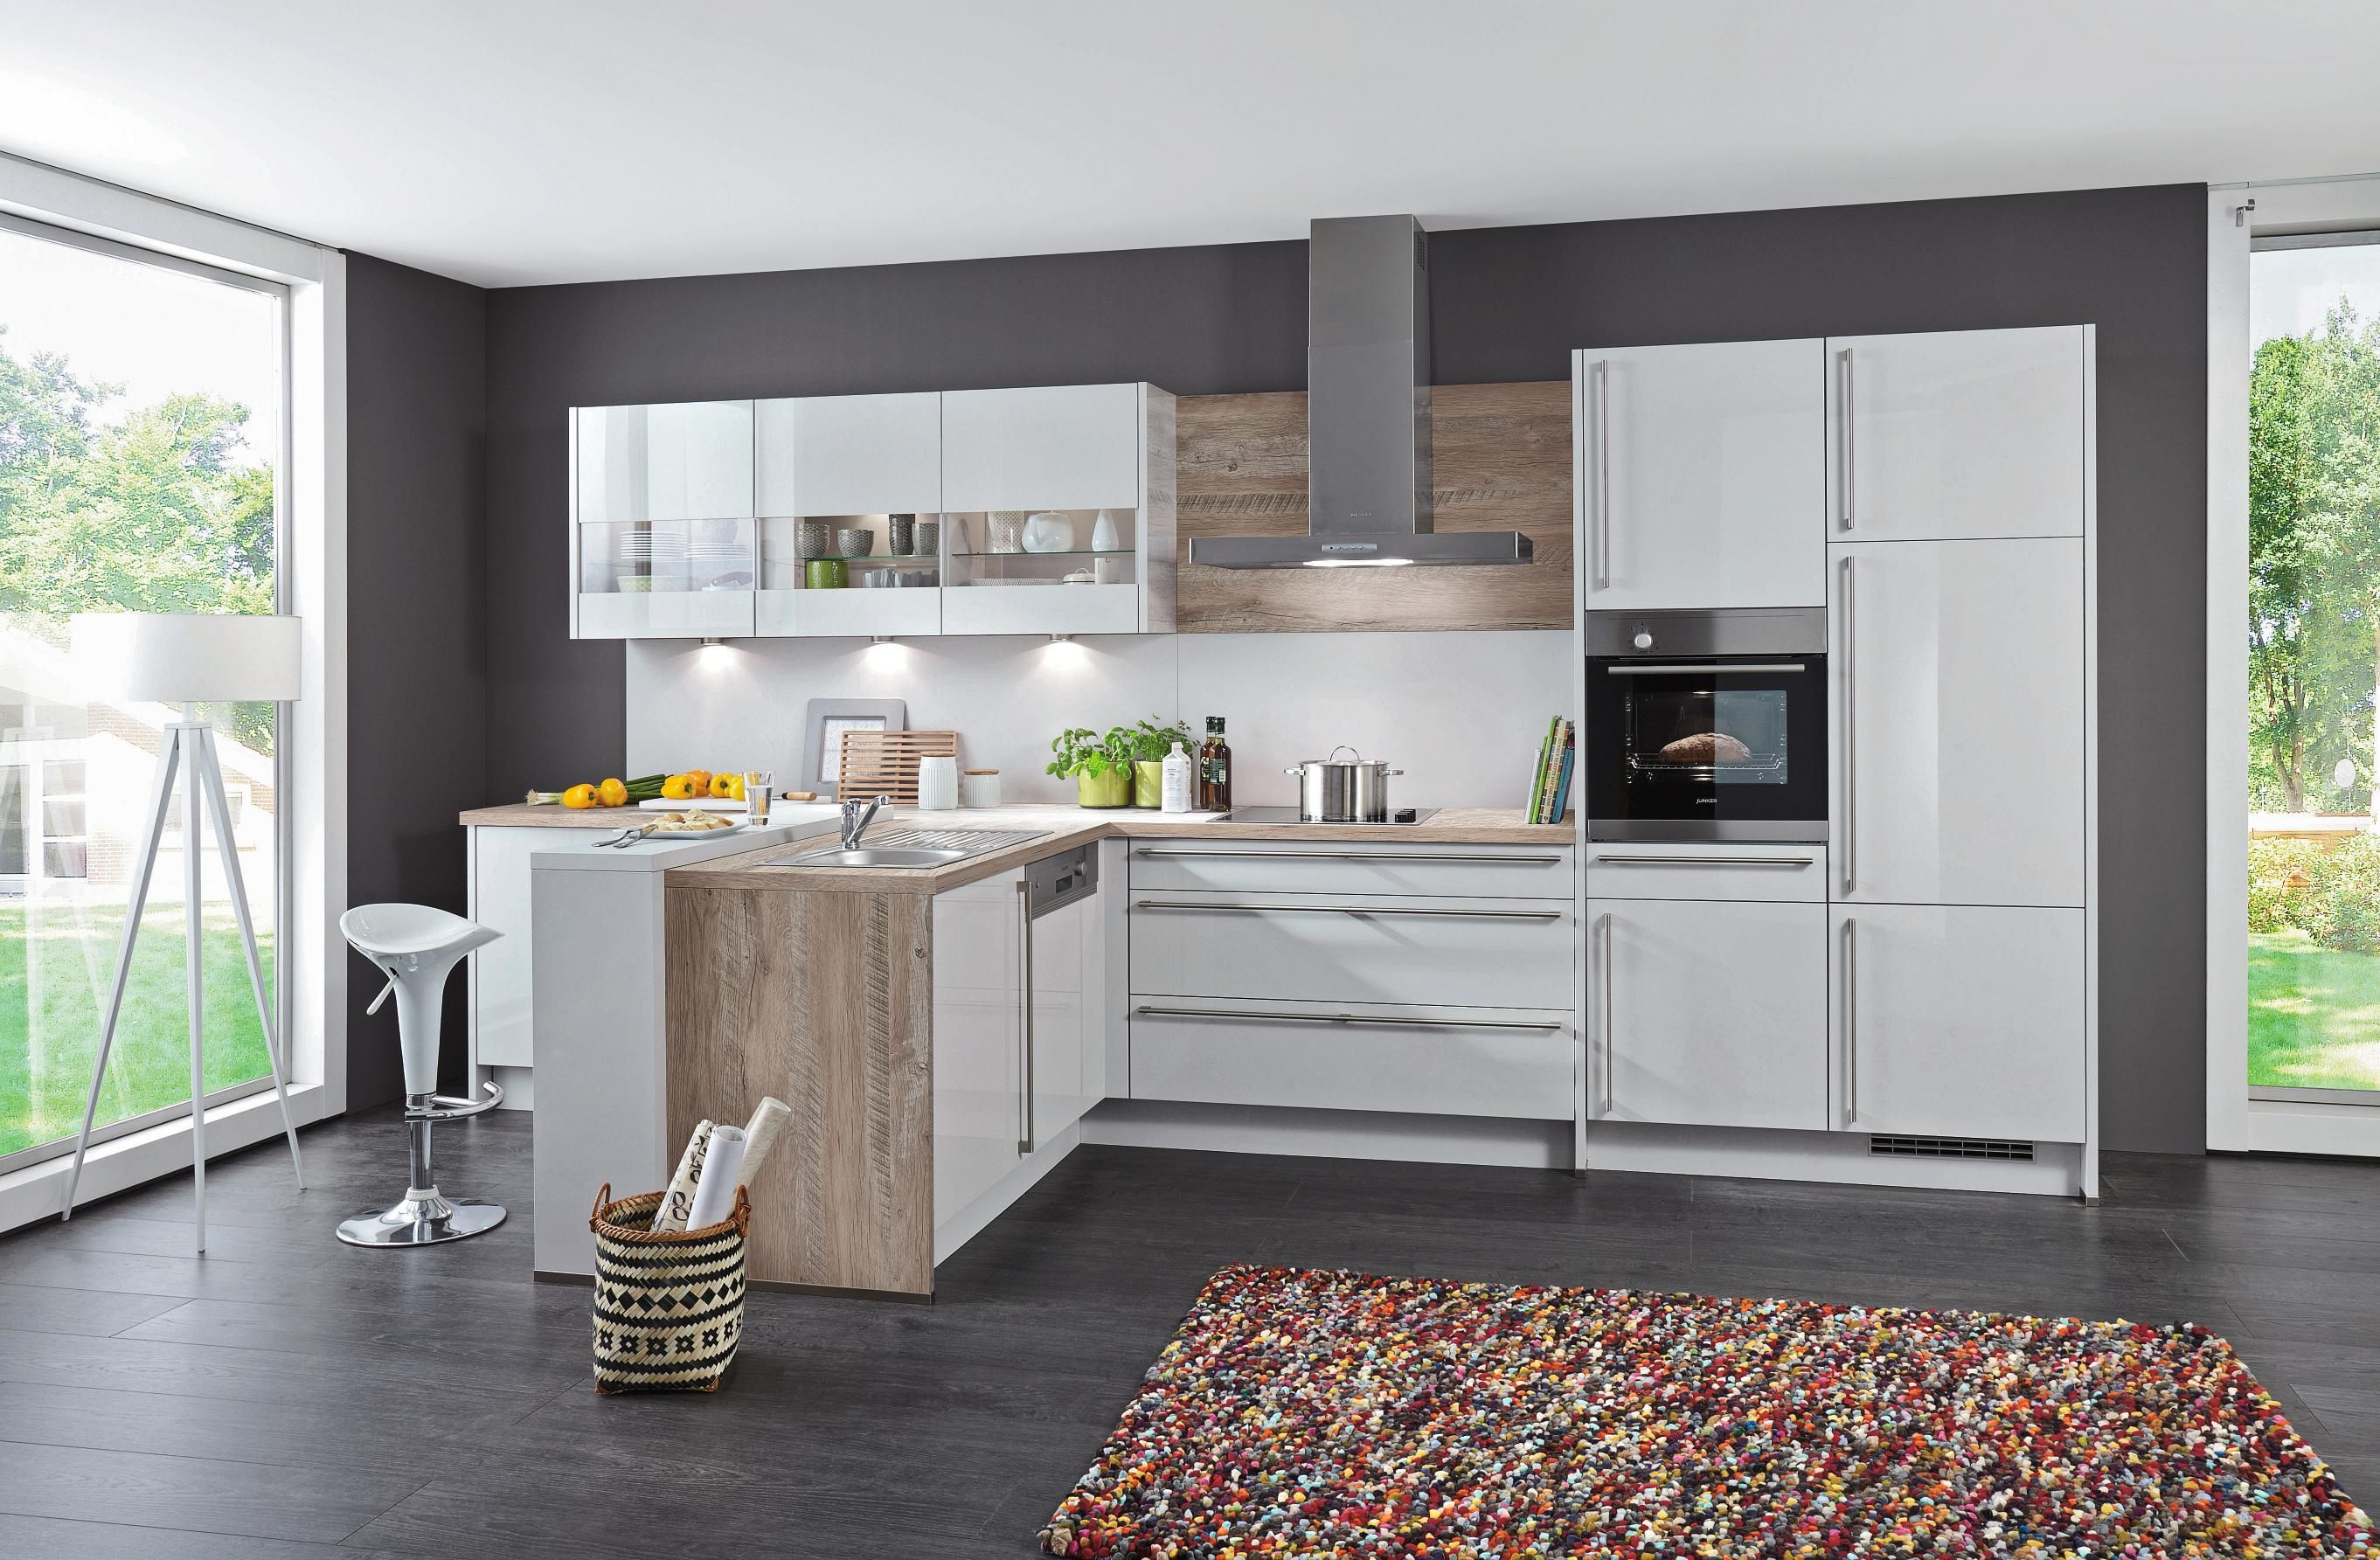 in ihrer neuen einbauk che von celina kochen sie besonders gerne k chen pinterest. Black Bedroom Furniture Sets. Home Design Ideas